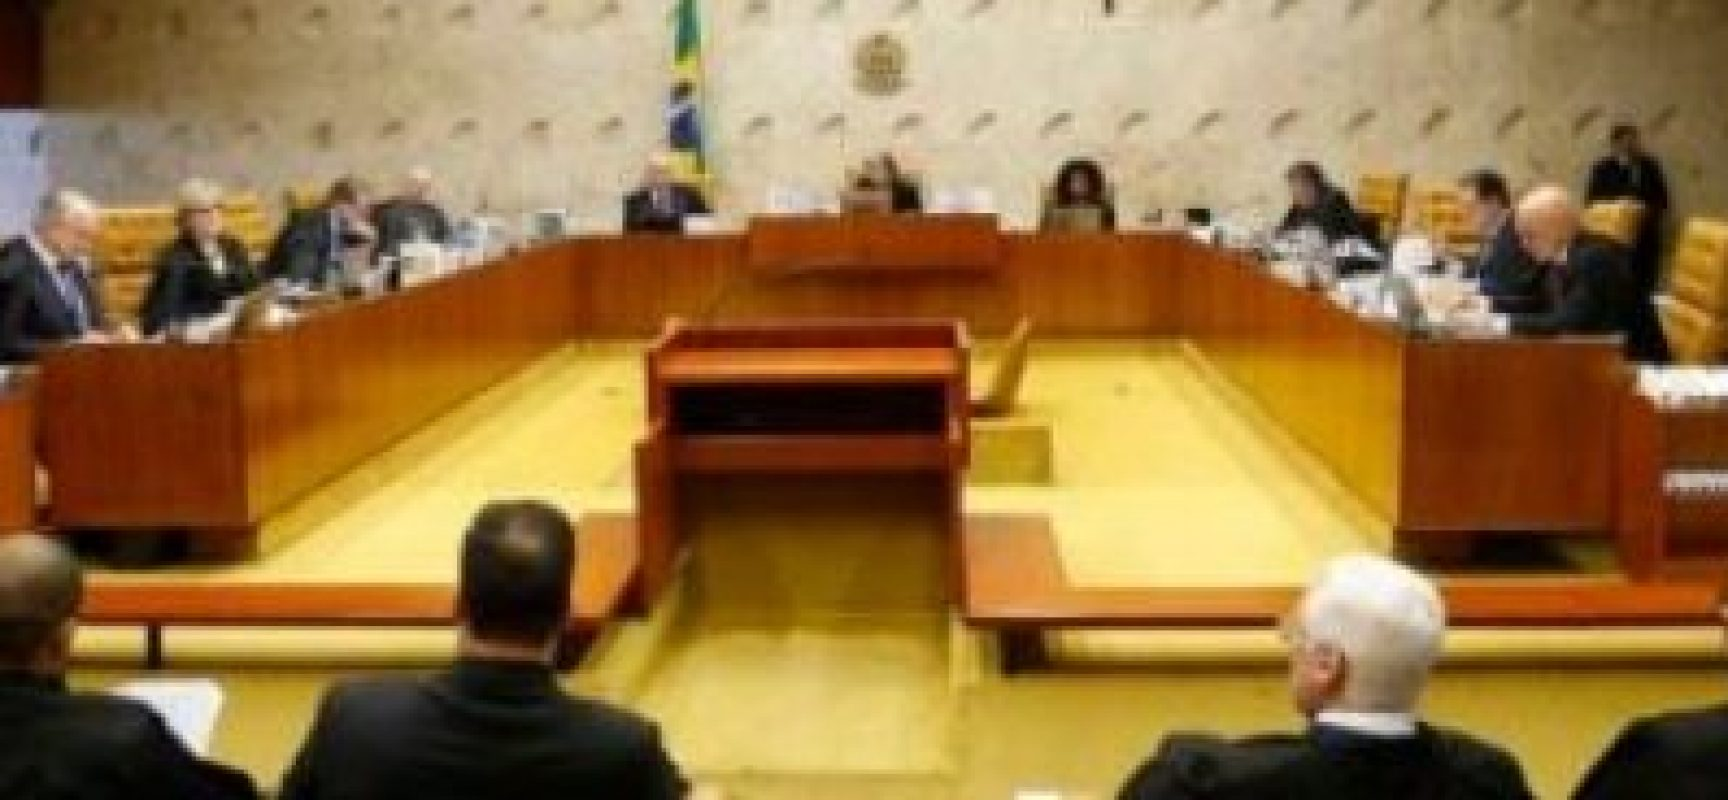 Barroso concede liminar para permitir apenas uma reeleição na Assembleia Legislativa de Alagoas